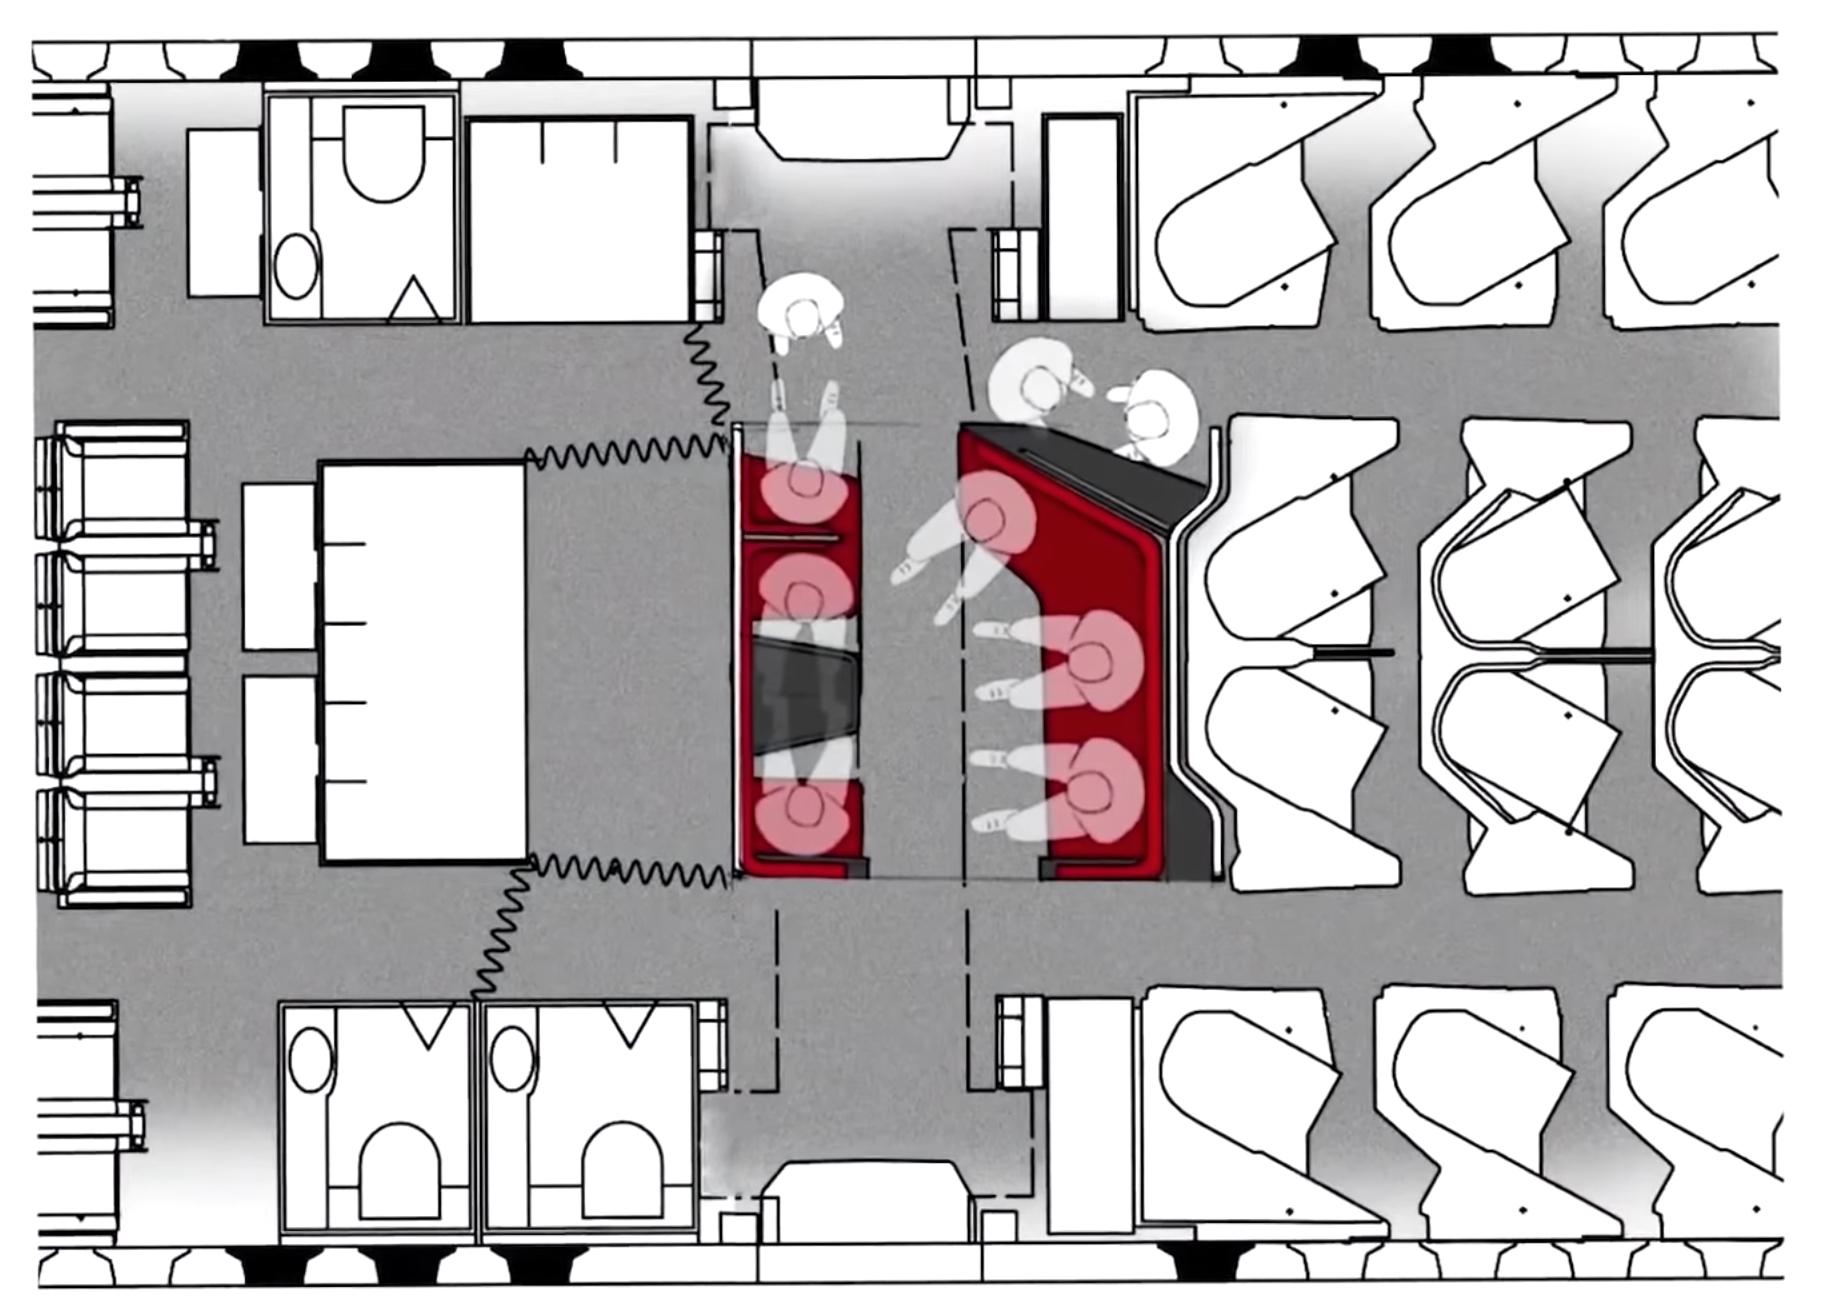 VS A35K The Loft Floorplan (Virgin Atlantic).jpg